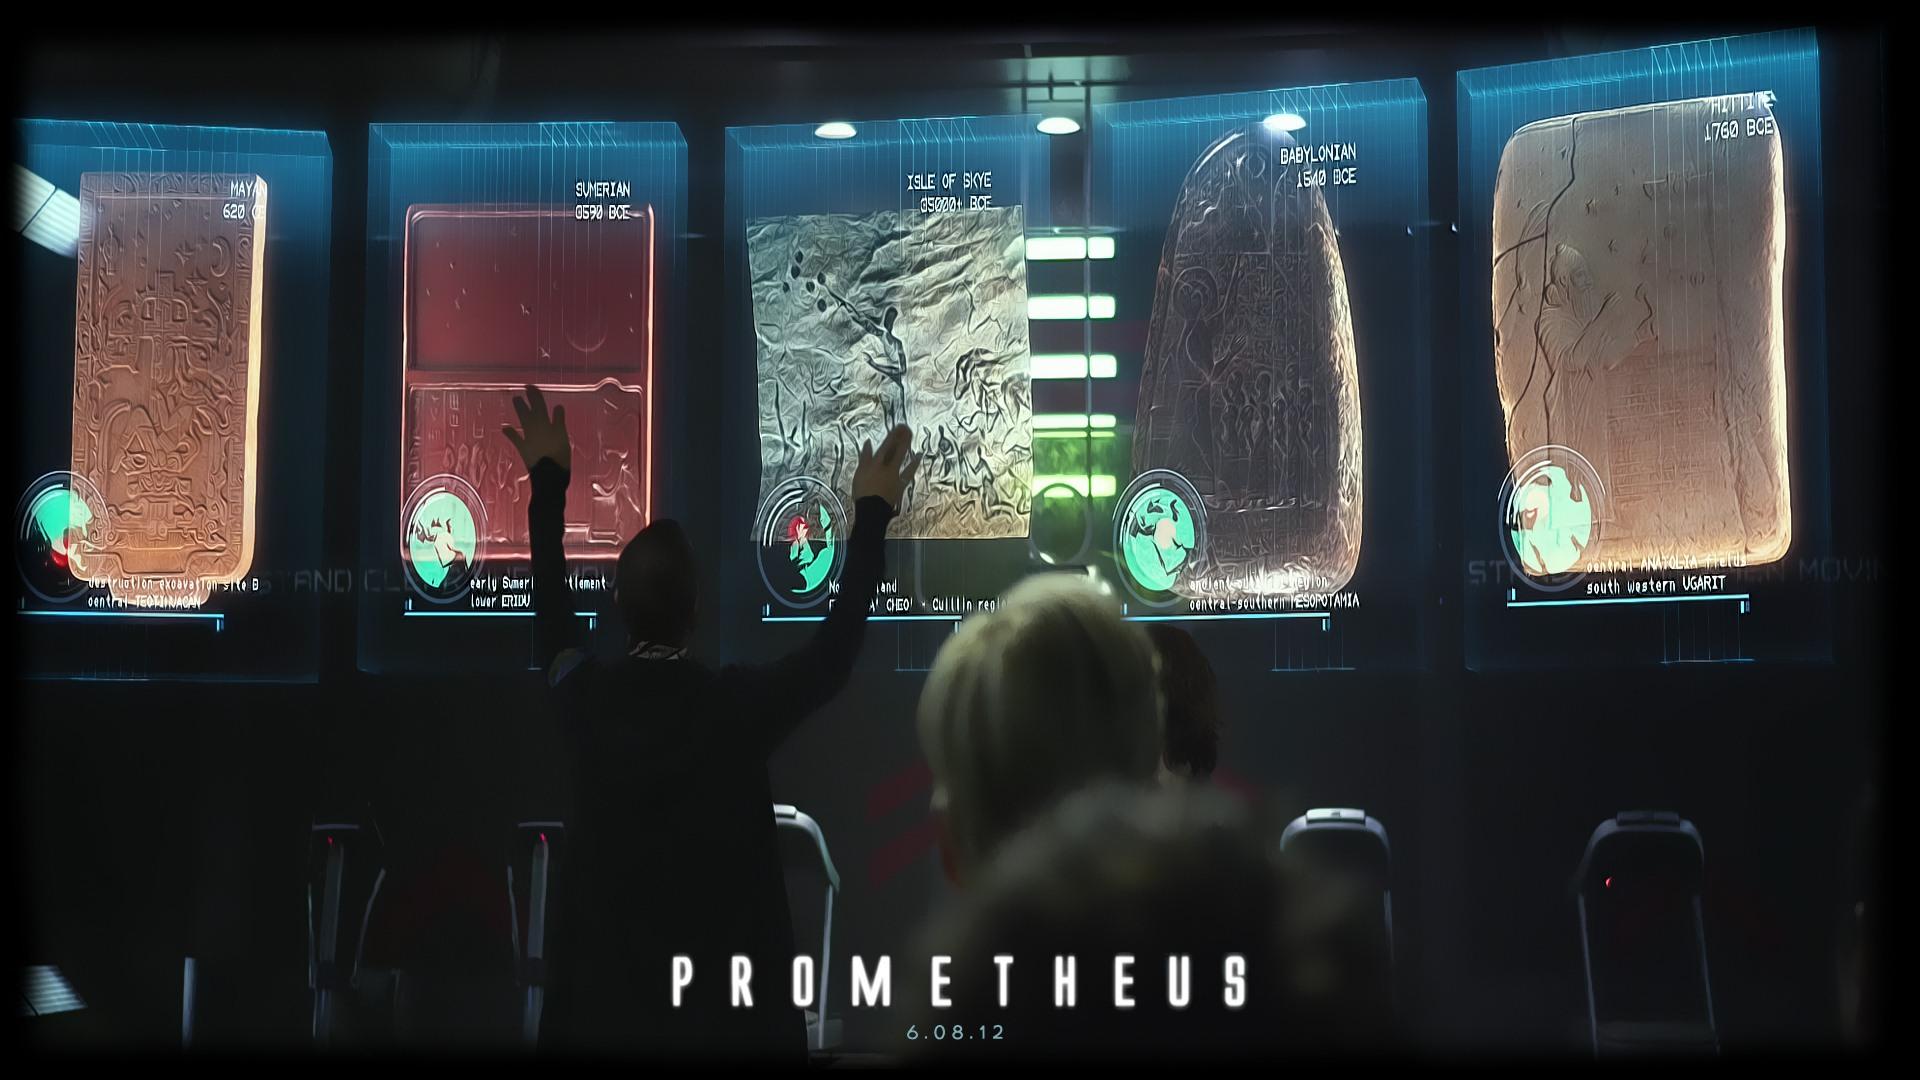 プロメテウス (映画)の画像 p1_28